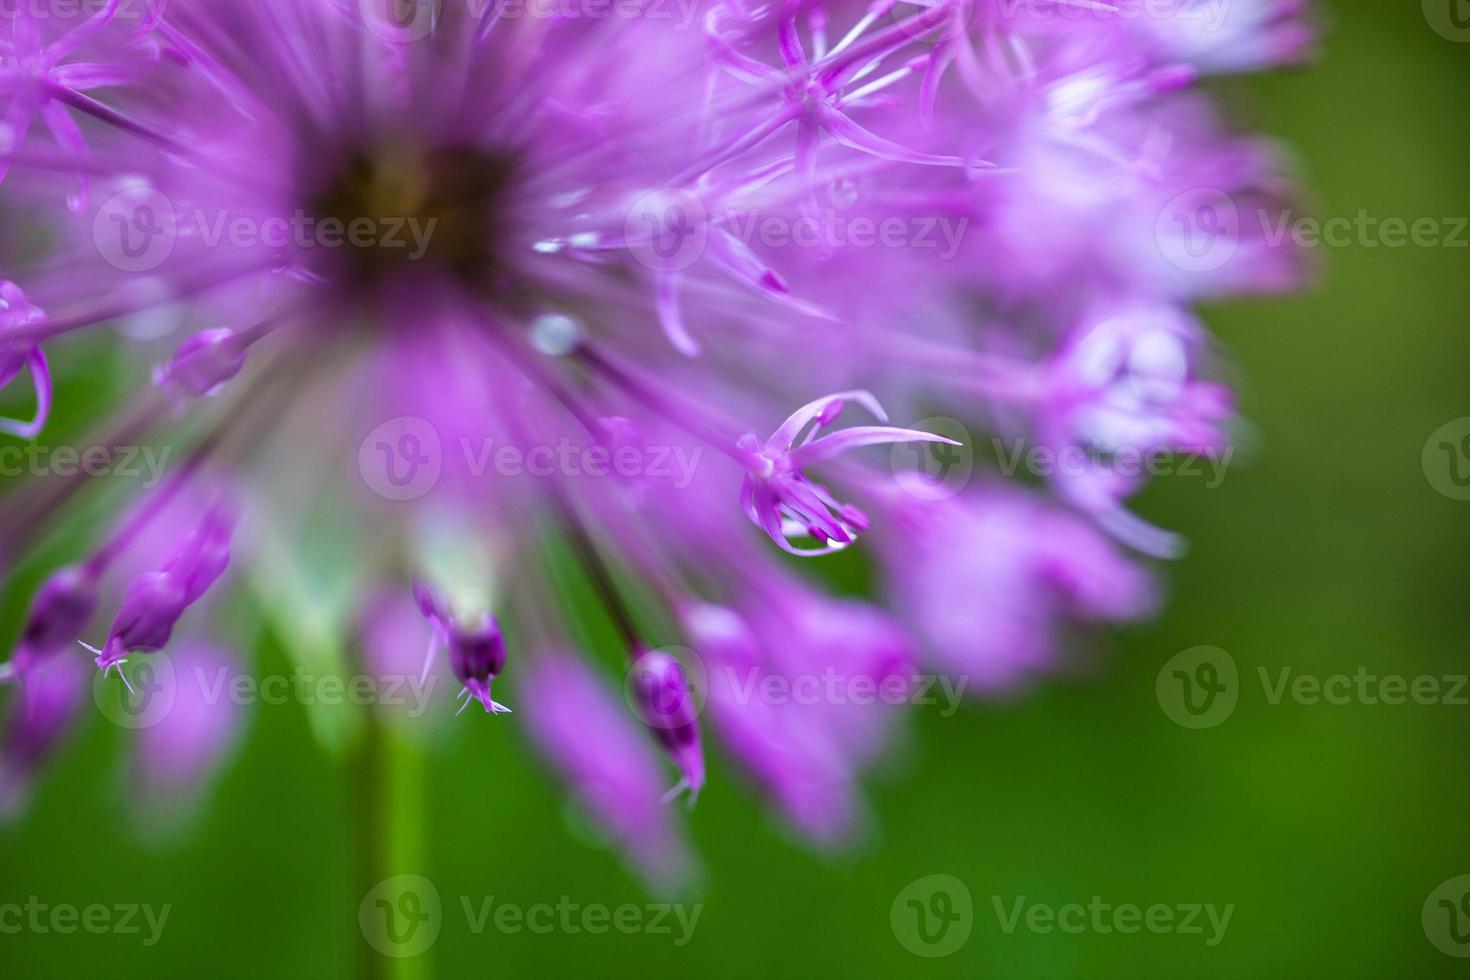 flor de cebolla ornamental (allium) foto